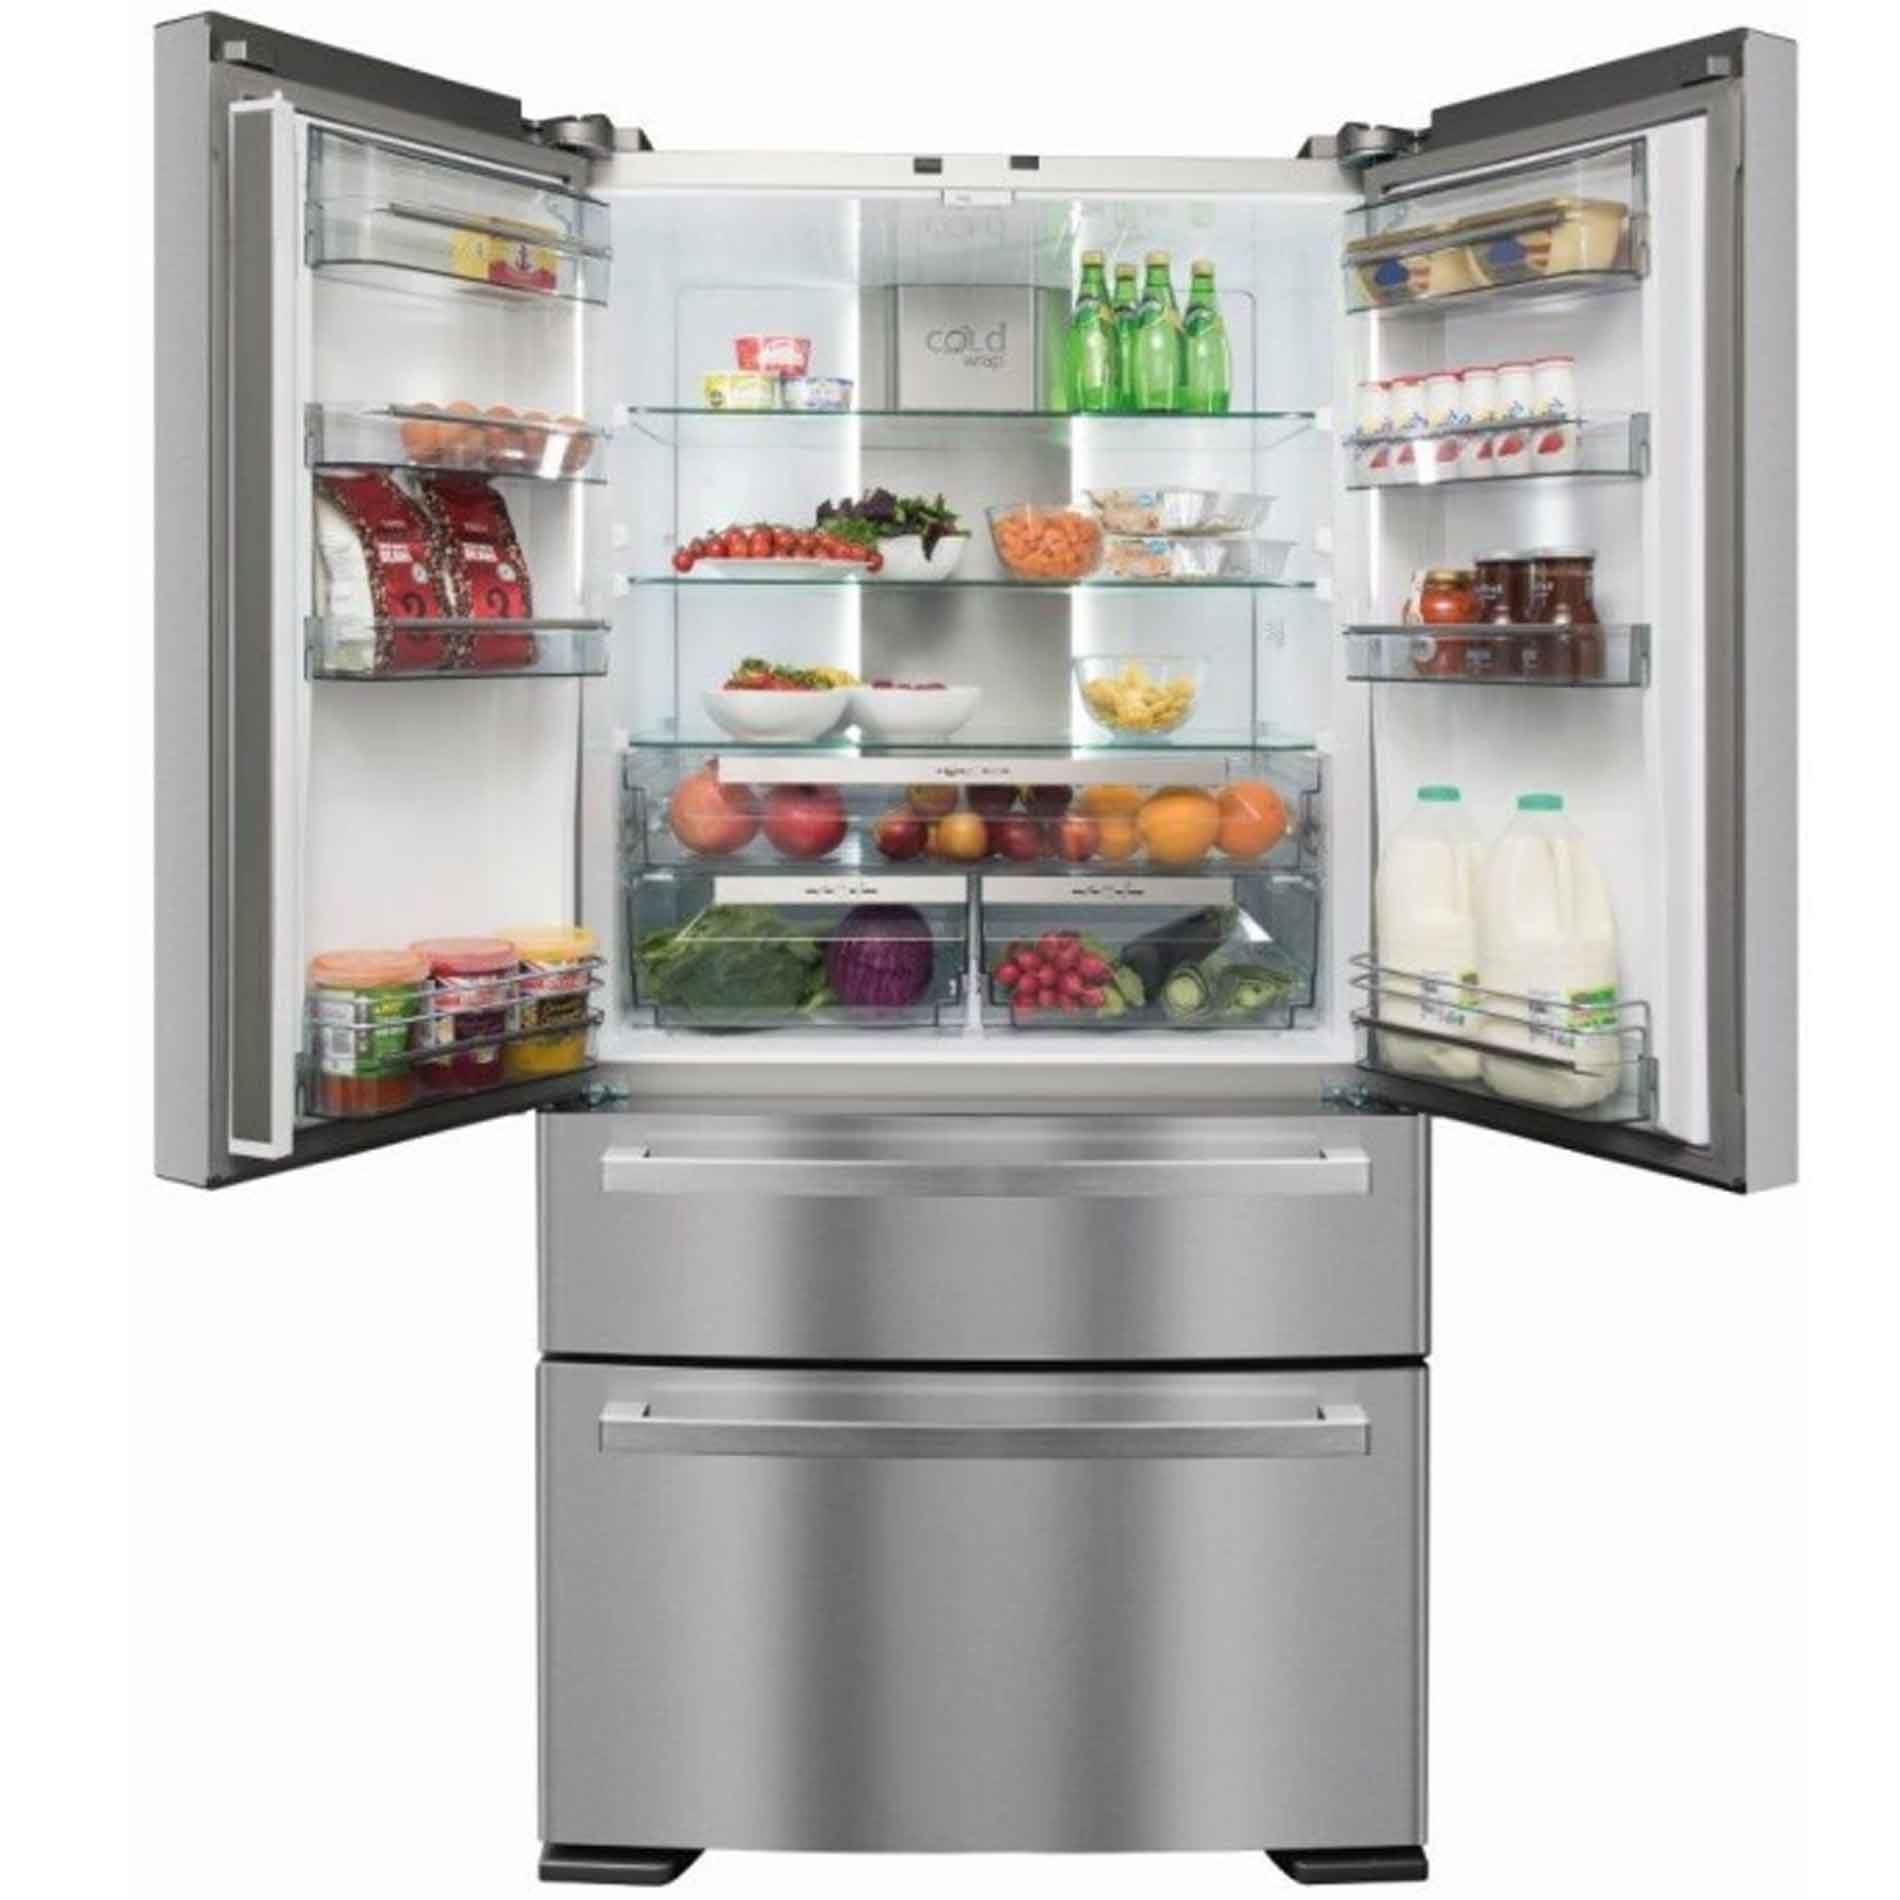 Caple Caff41 French Door Fridge Freezer Appliance Source